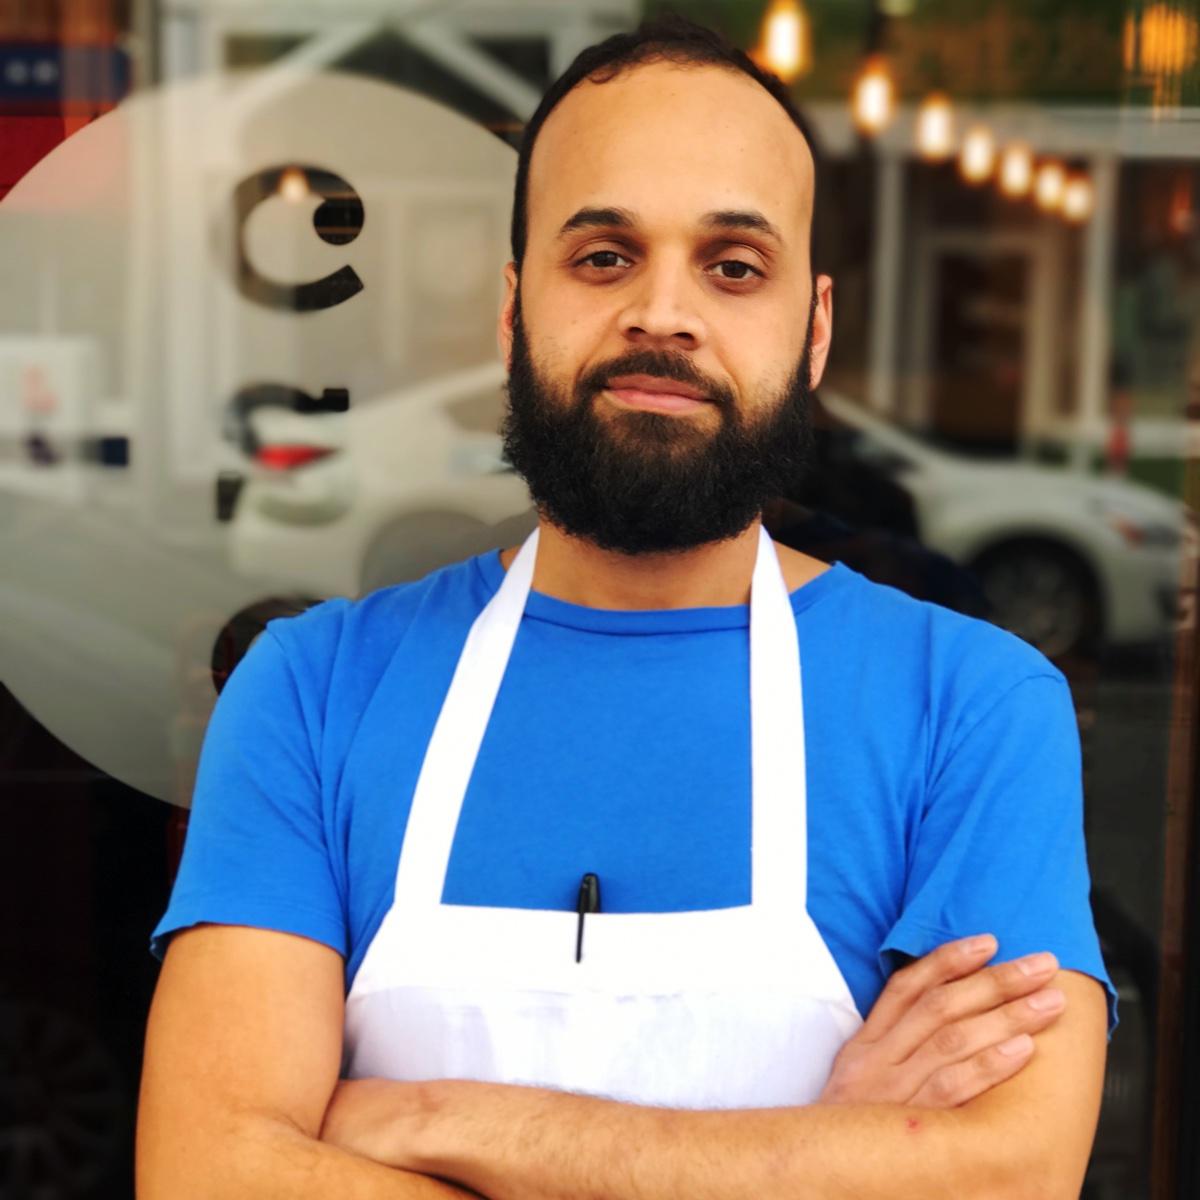 Centre Street Cafe chef Sean Callahan